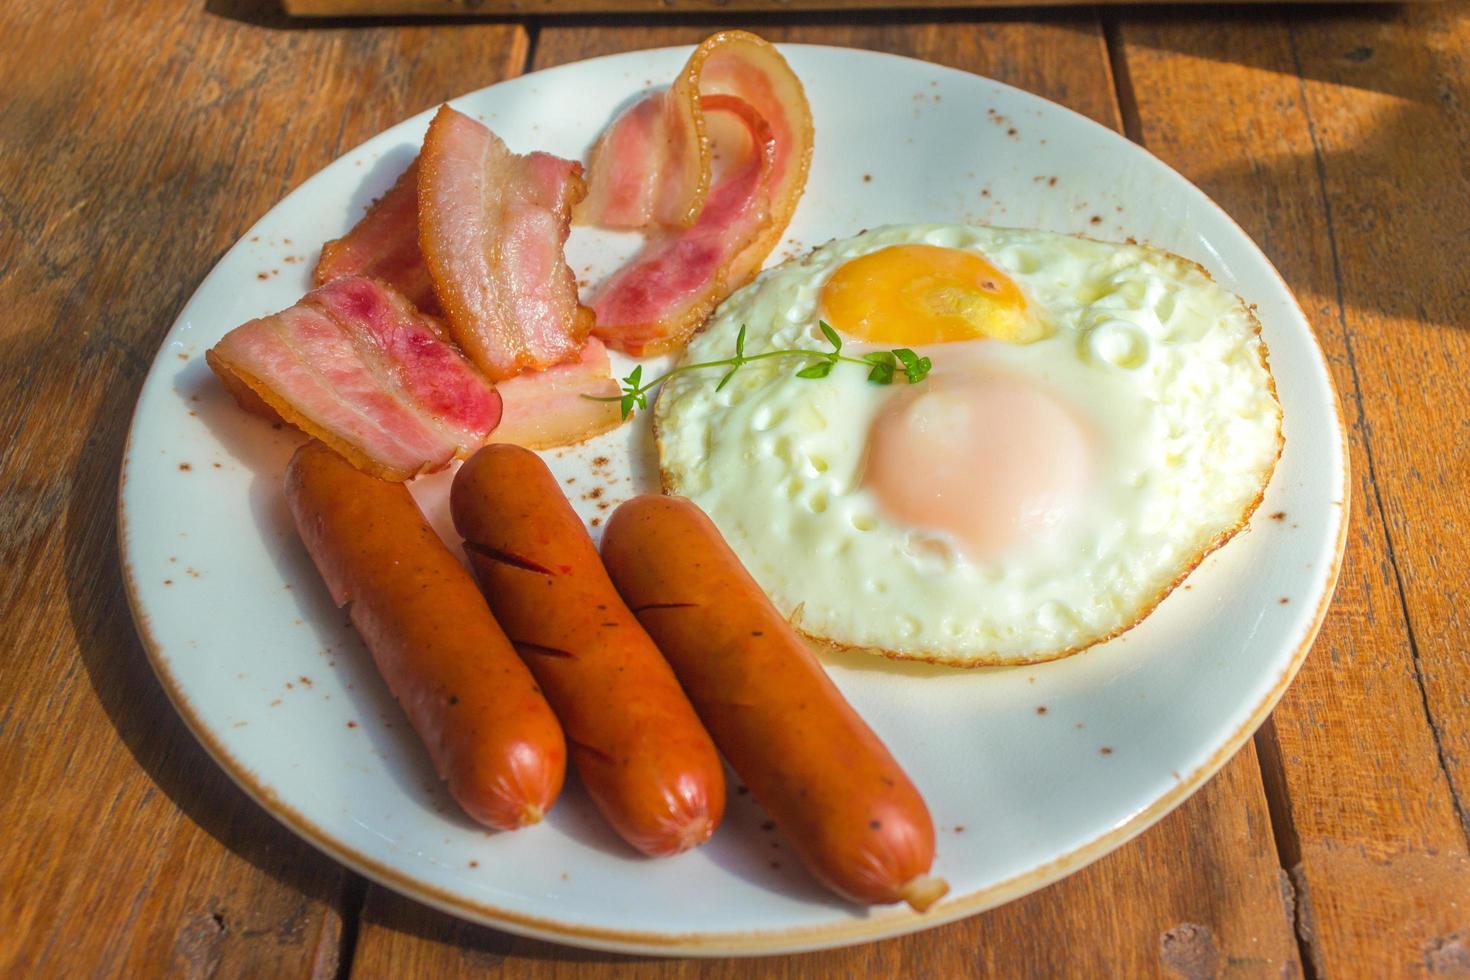 bacon, œufs au plat et saucisses sur plaque blanche et table en bois photo